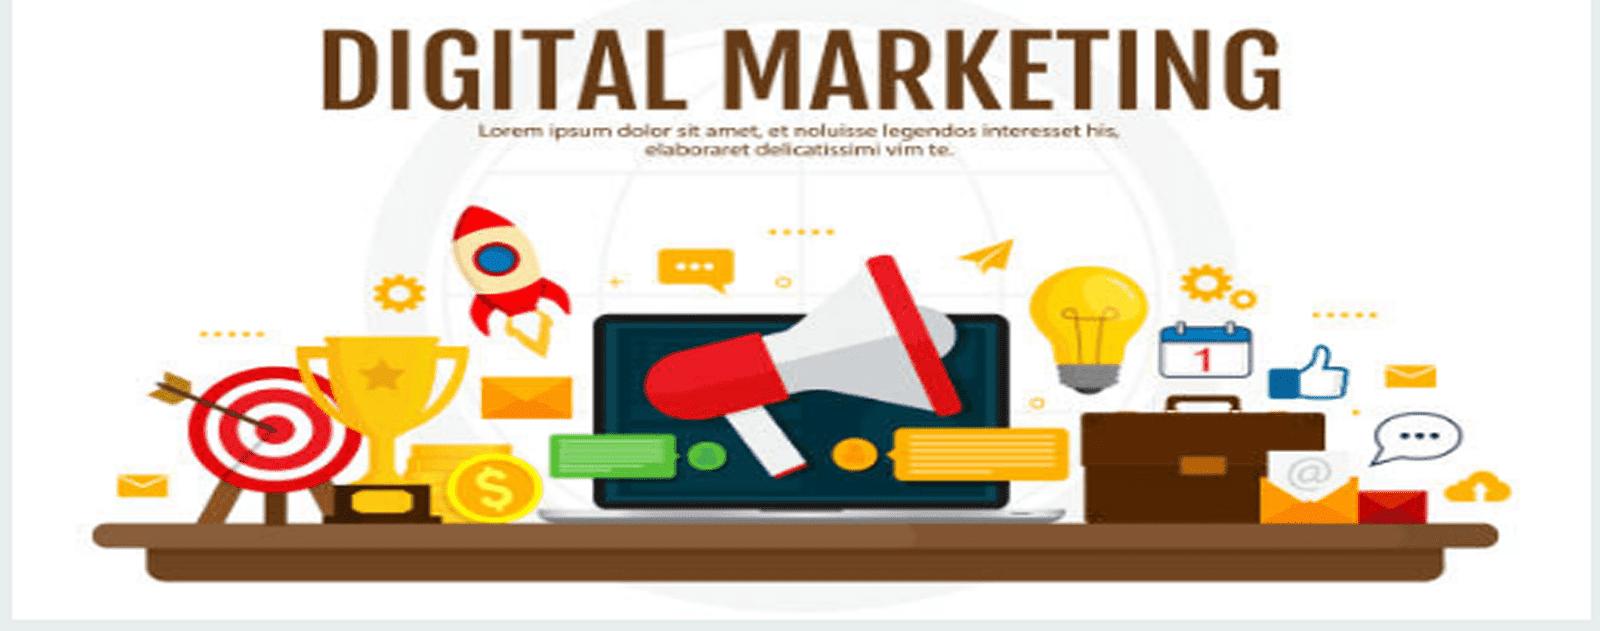 Digital marketing từ chiến lược đến thực thi